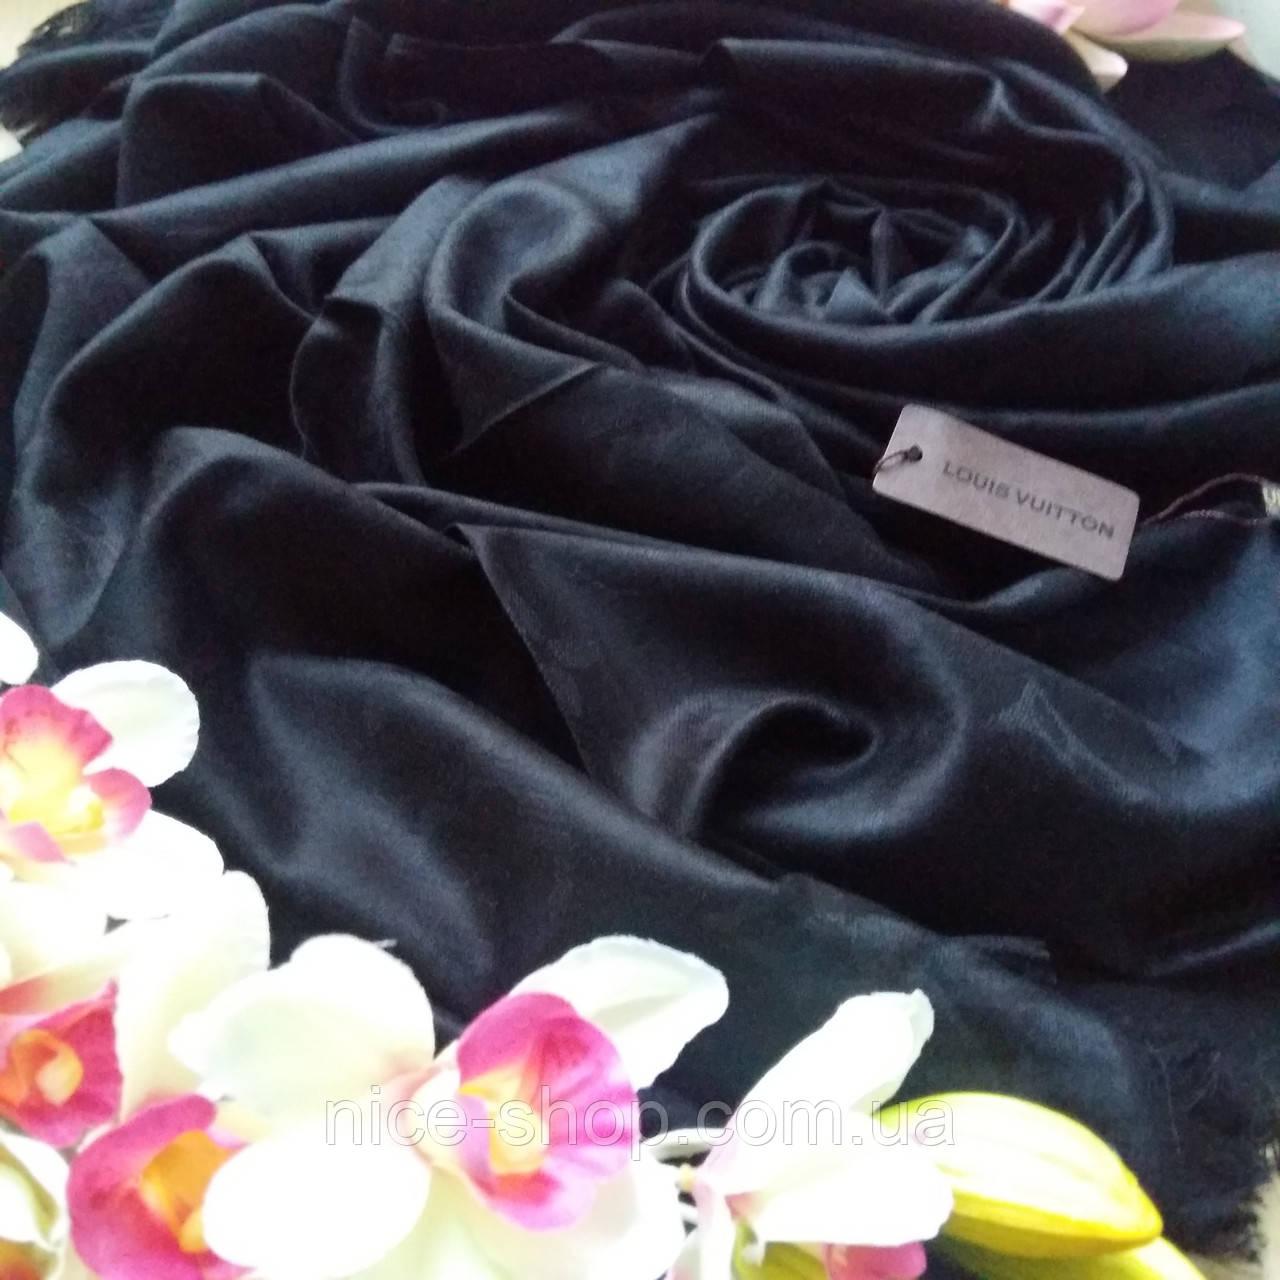 Палантин  Louis Vuitton черный